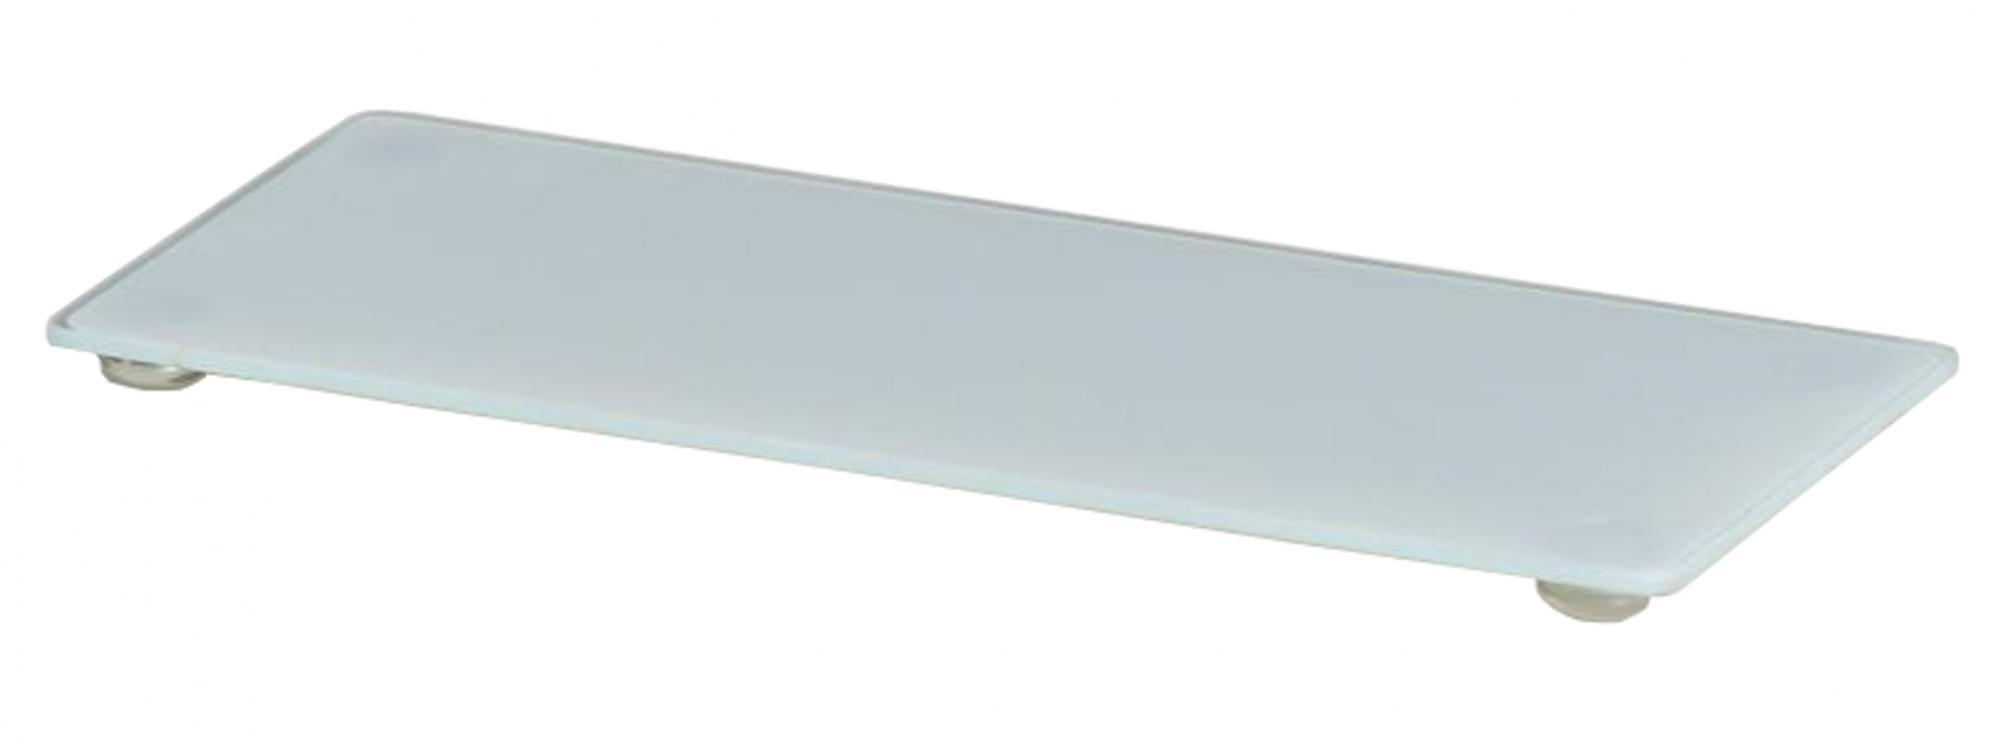 Bandeja de Vidro Retangular - Branca